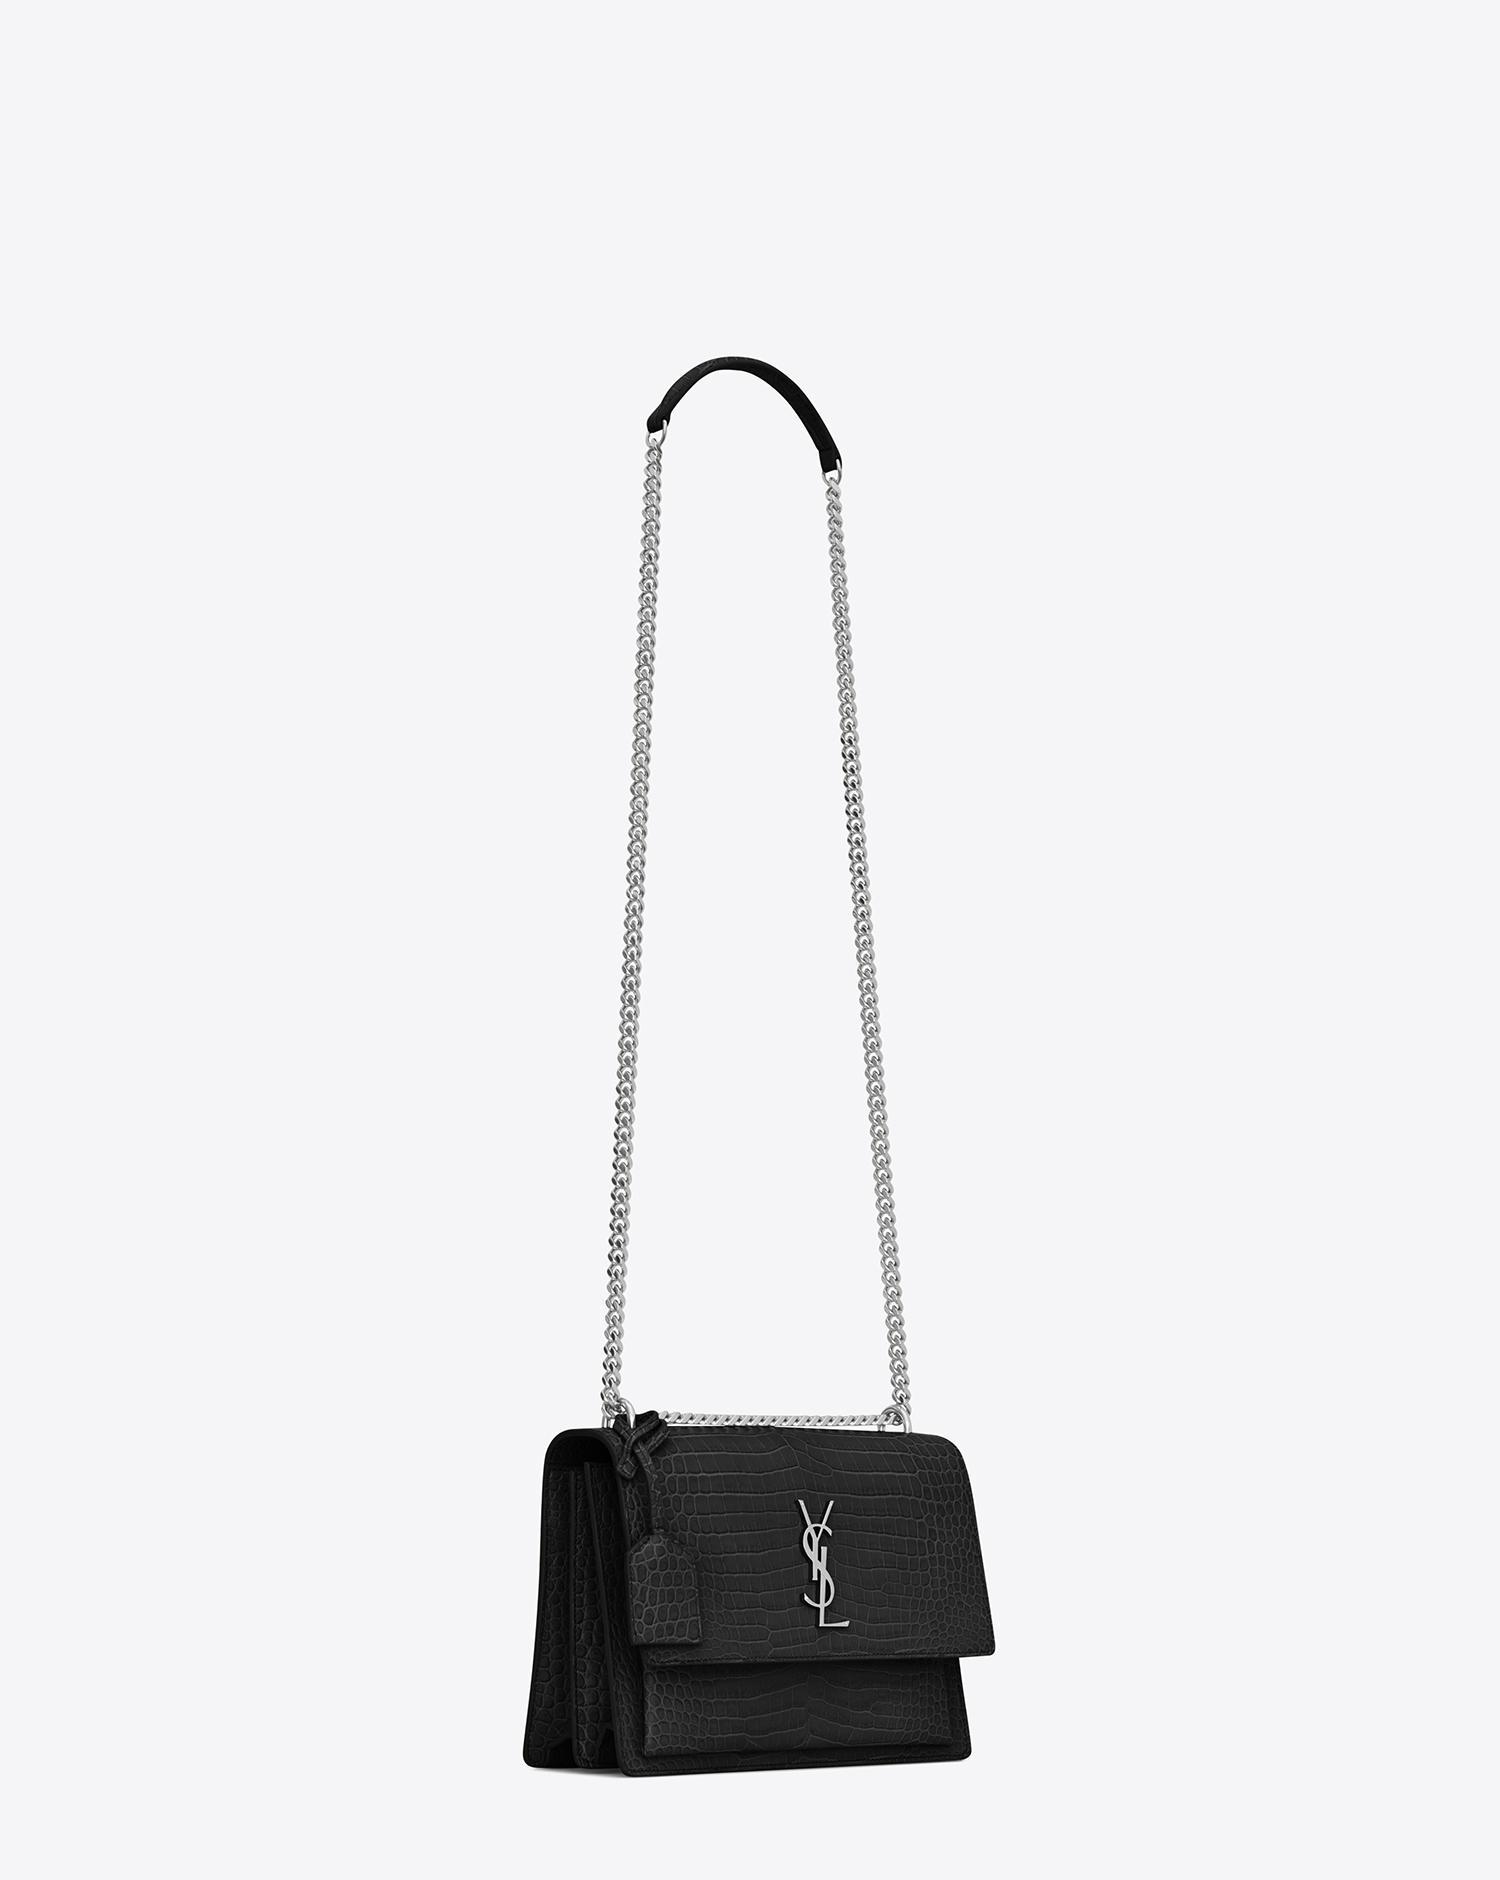 Lyst - Saint Laurent Sunset Medium Croc-effect Leather Shoulder Bag ... 0d9d3b7f50b26